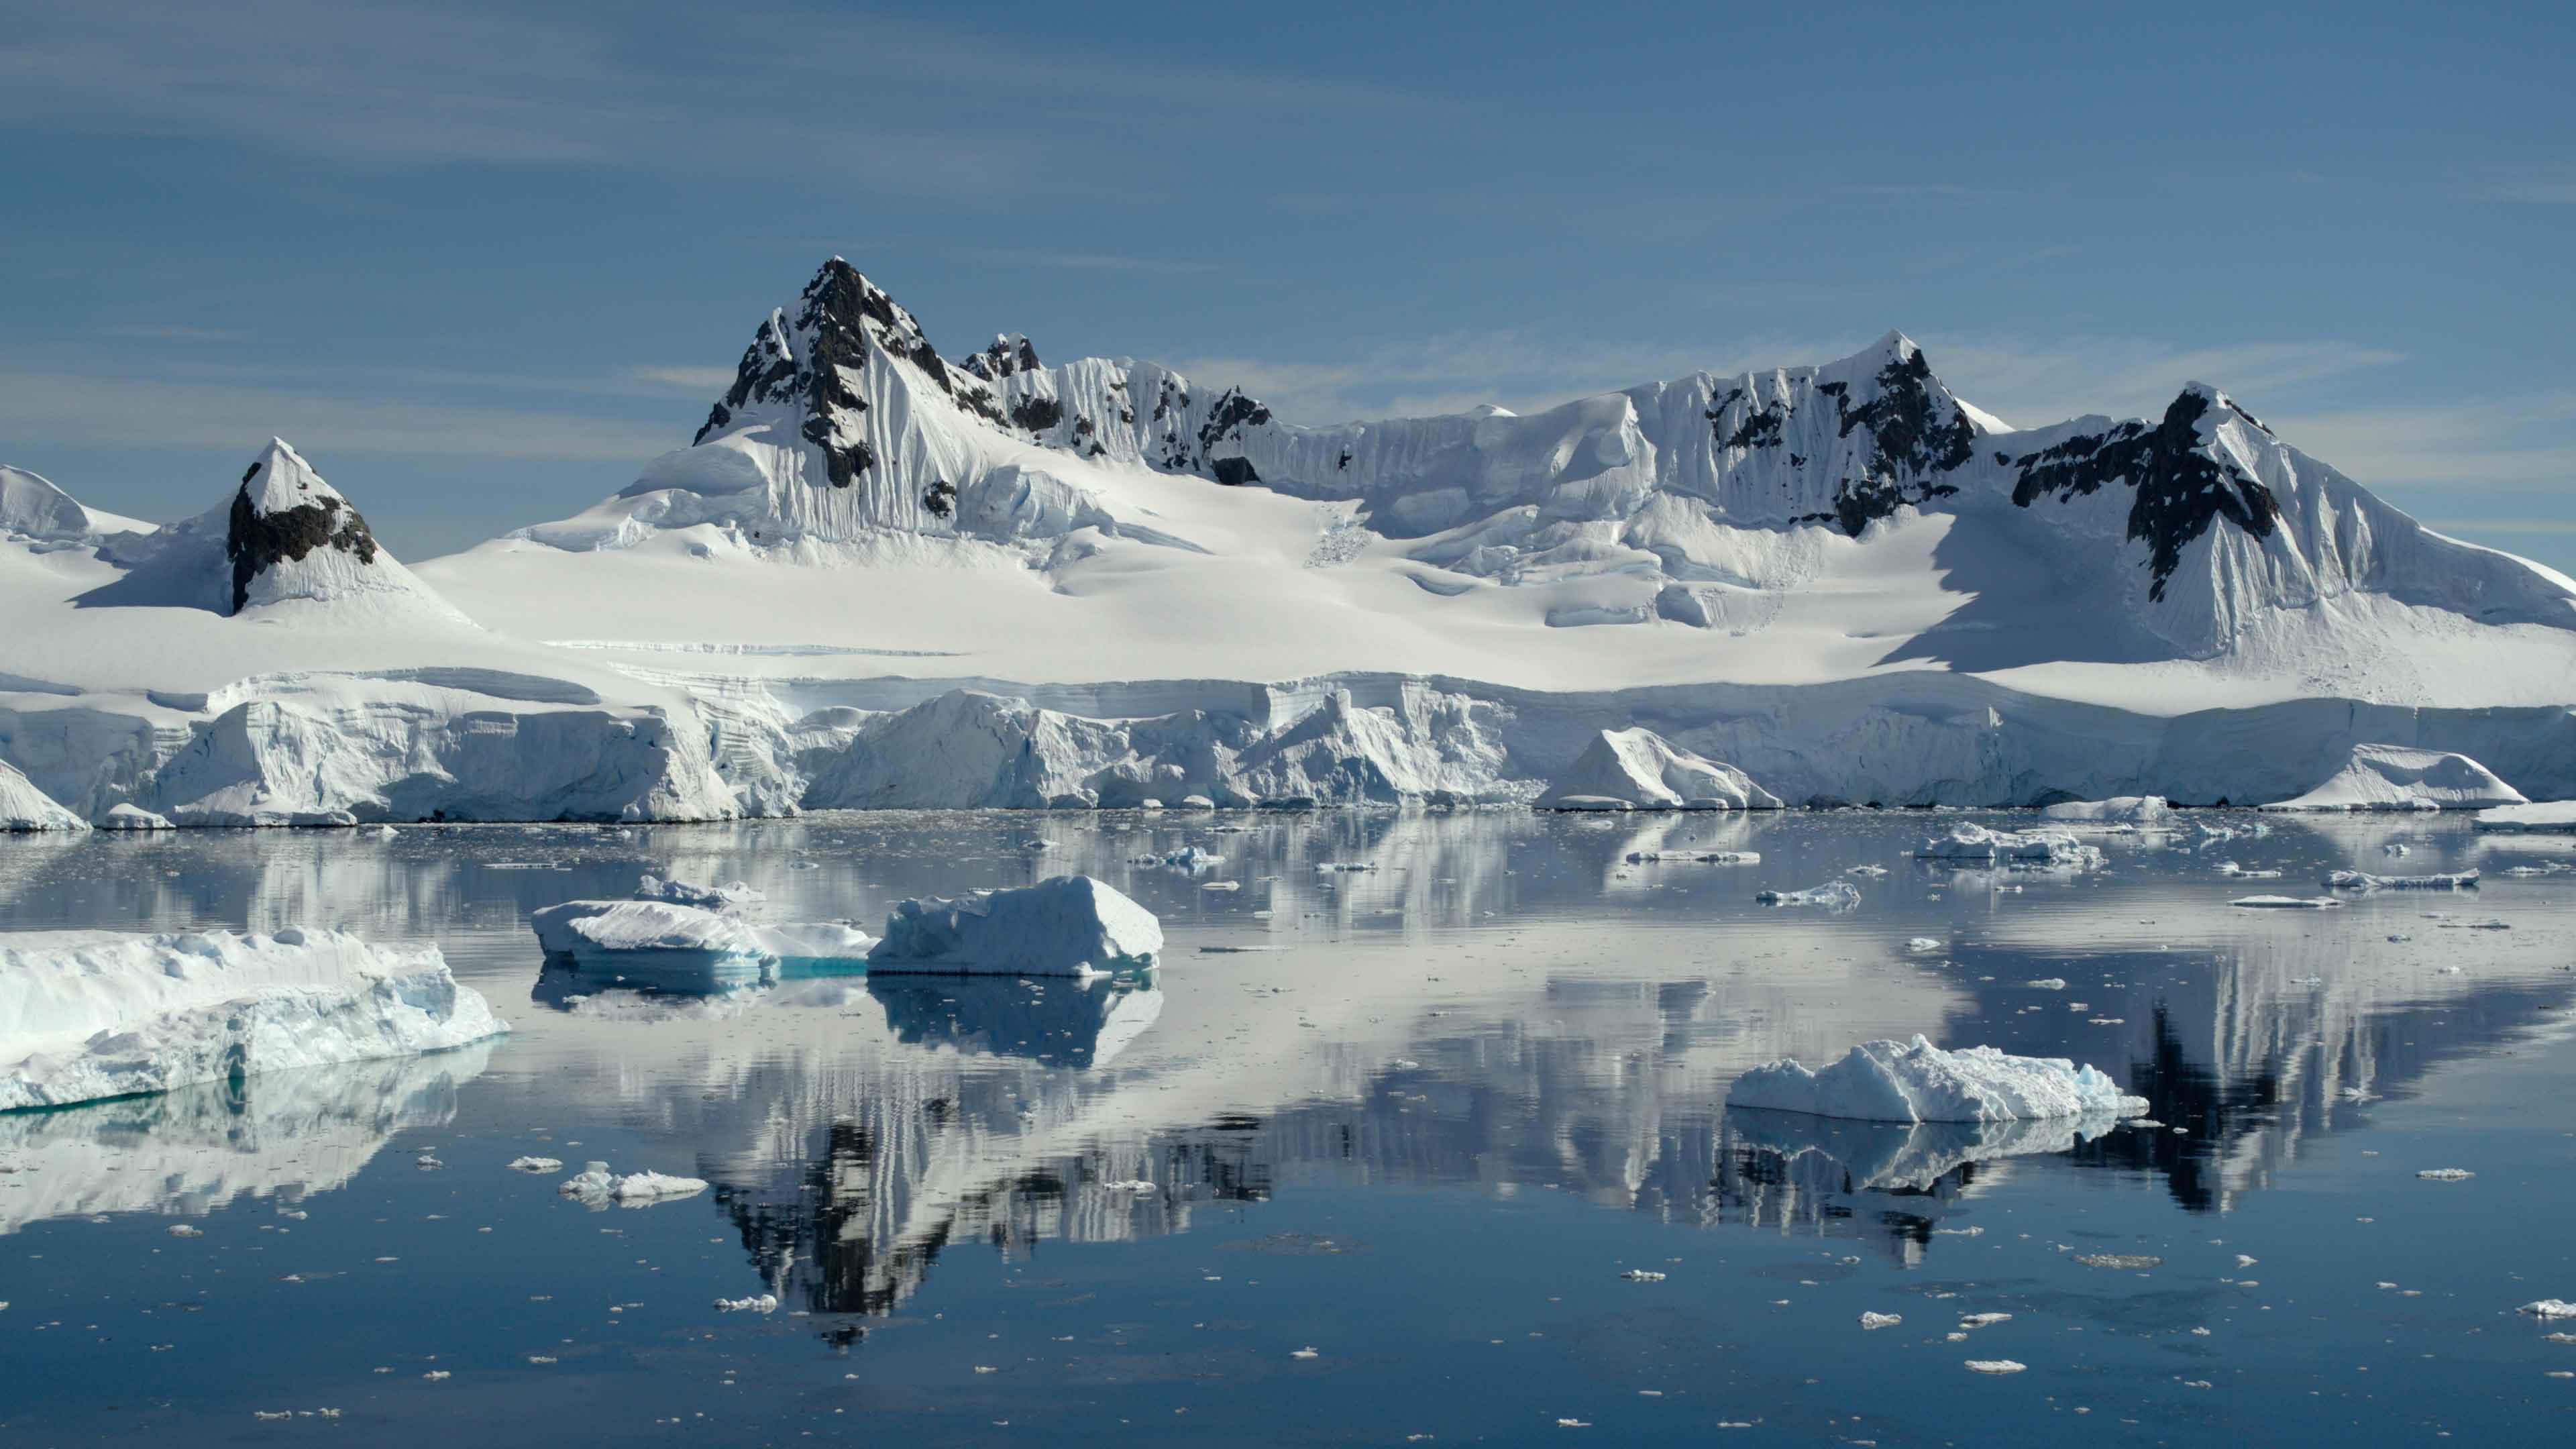 Lo scioglimento dei ghiacciai nell'Artico